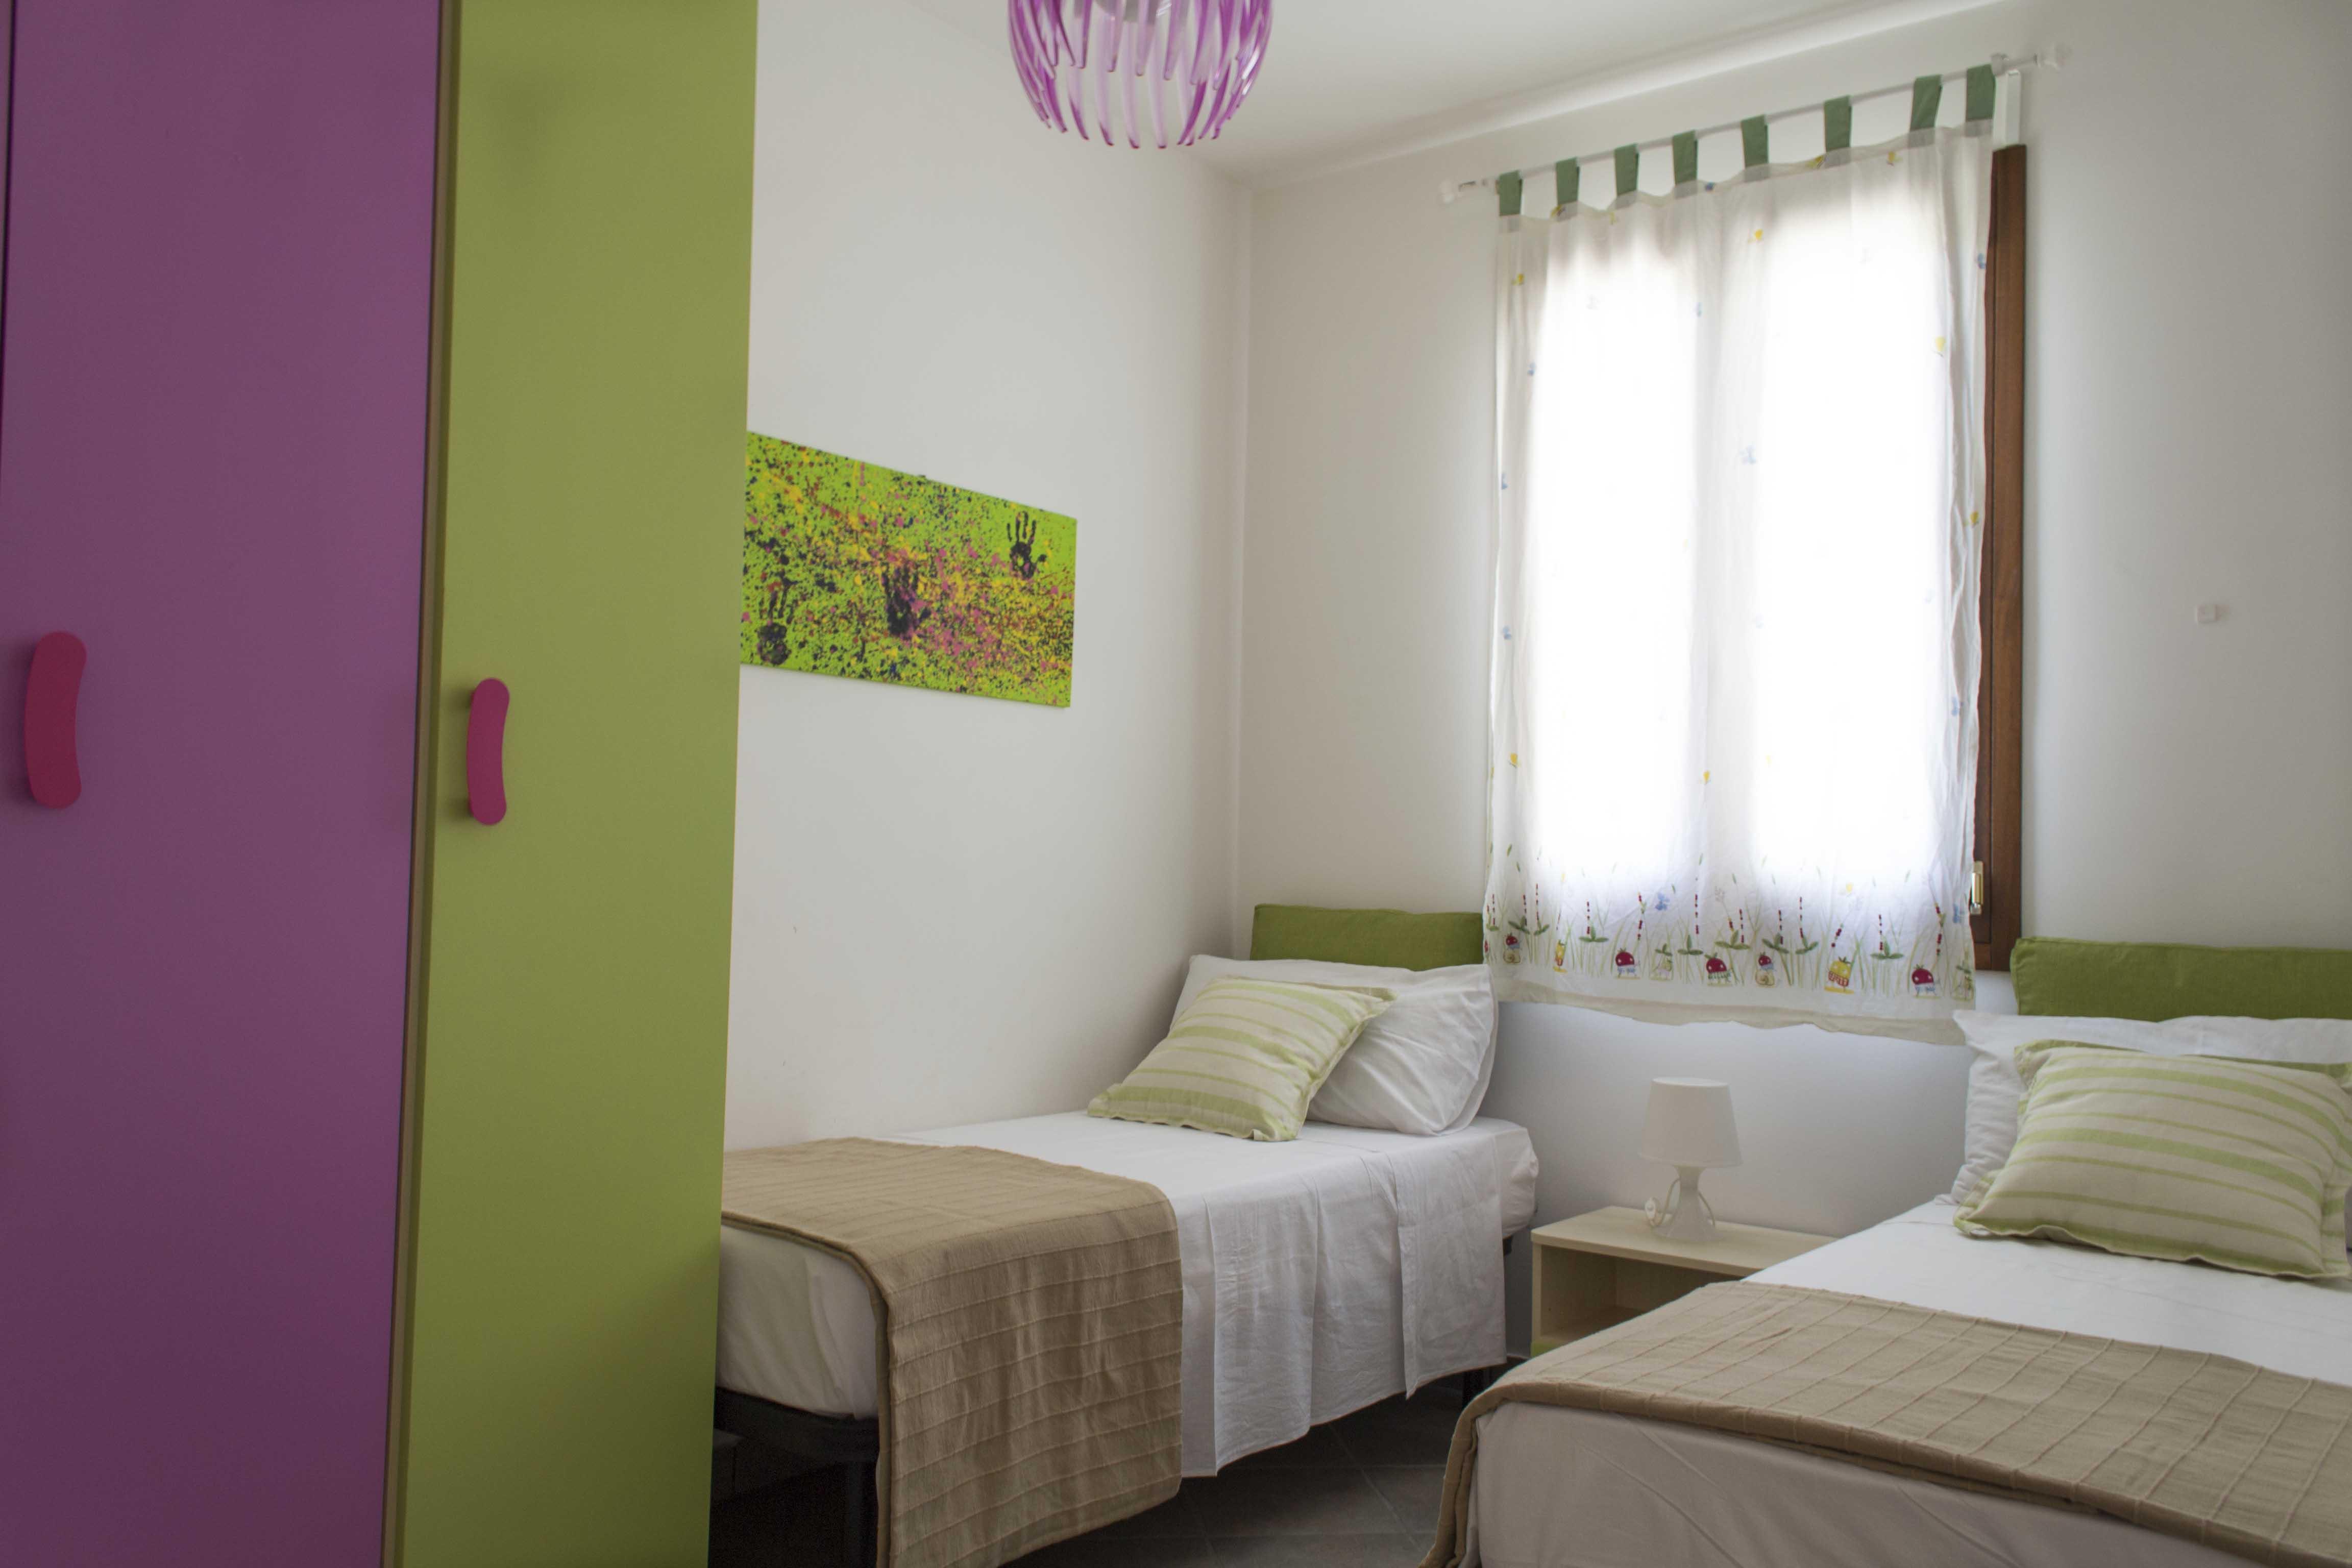 504_villa-la-poesia_iriscameretta.jpg